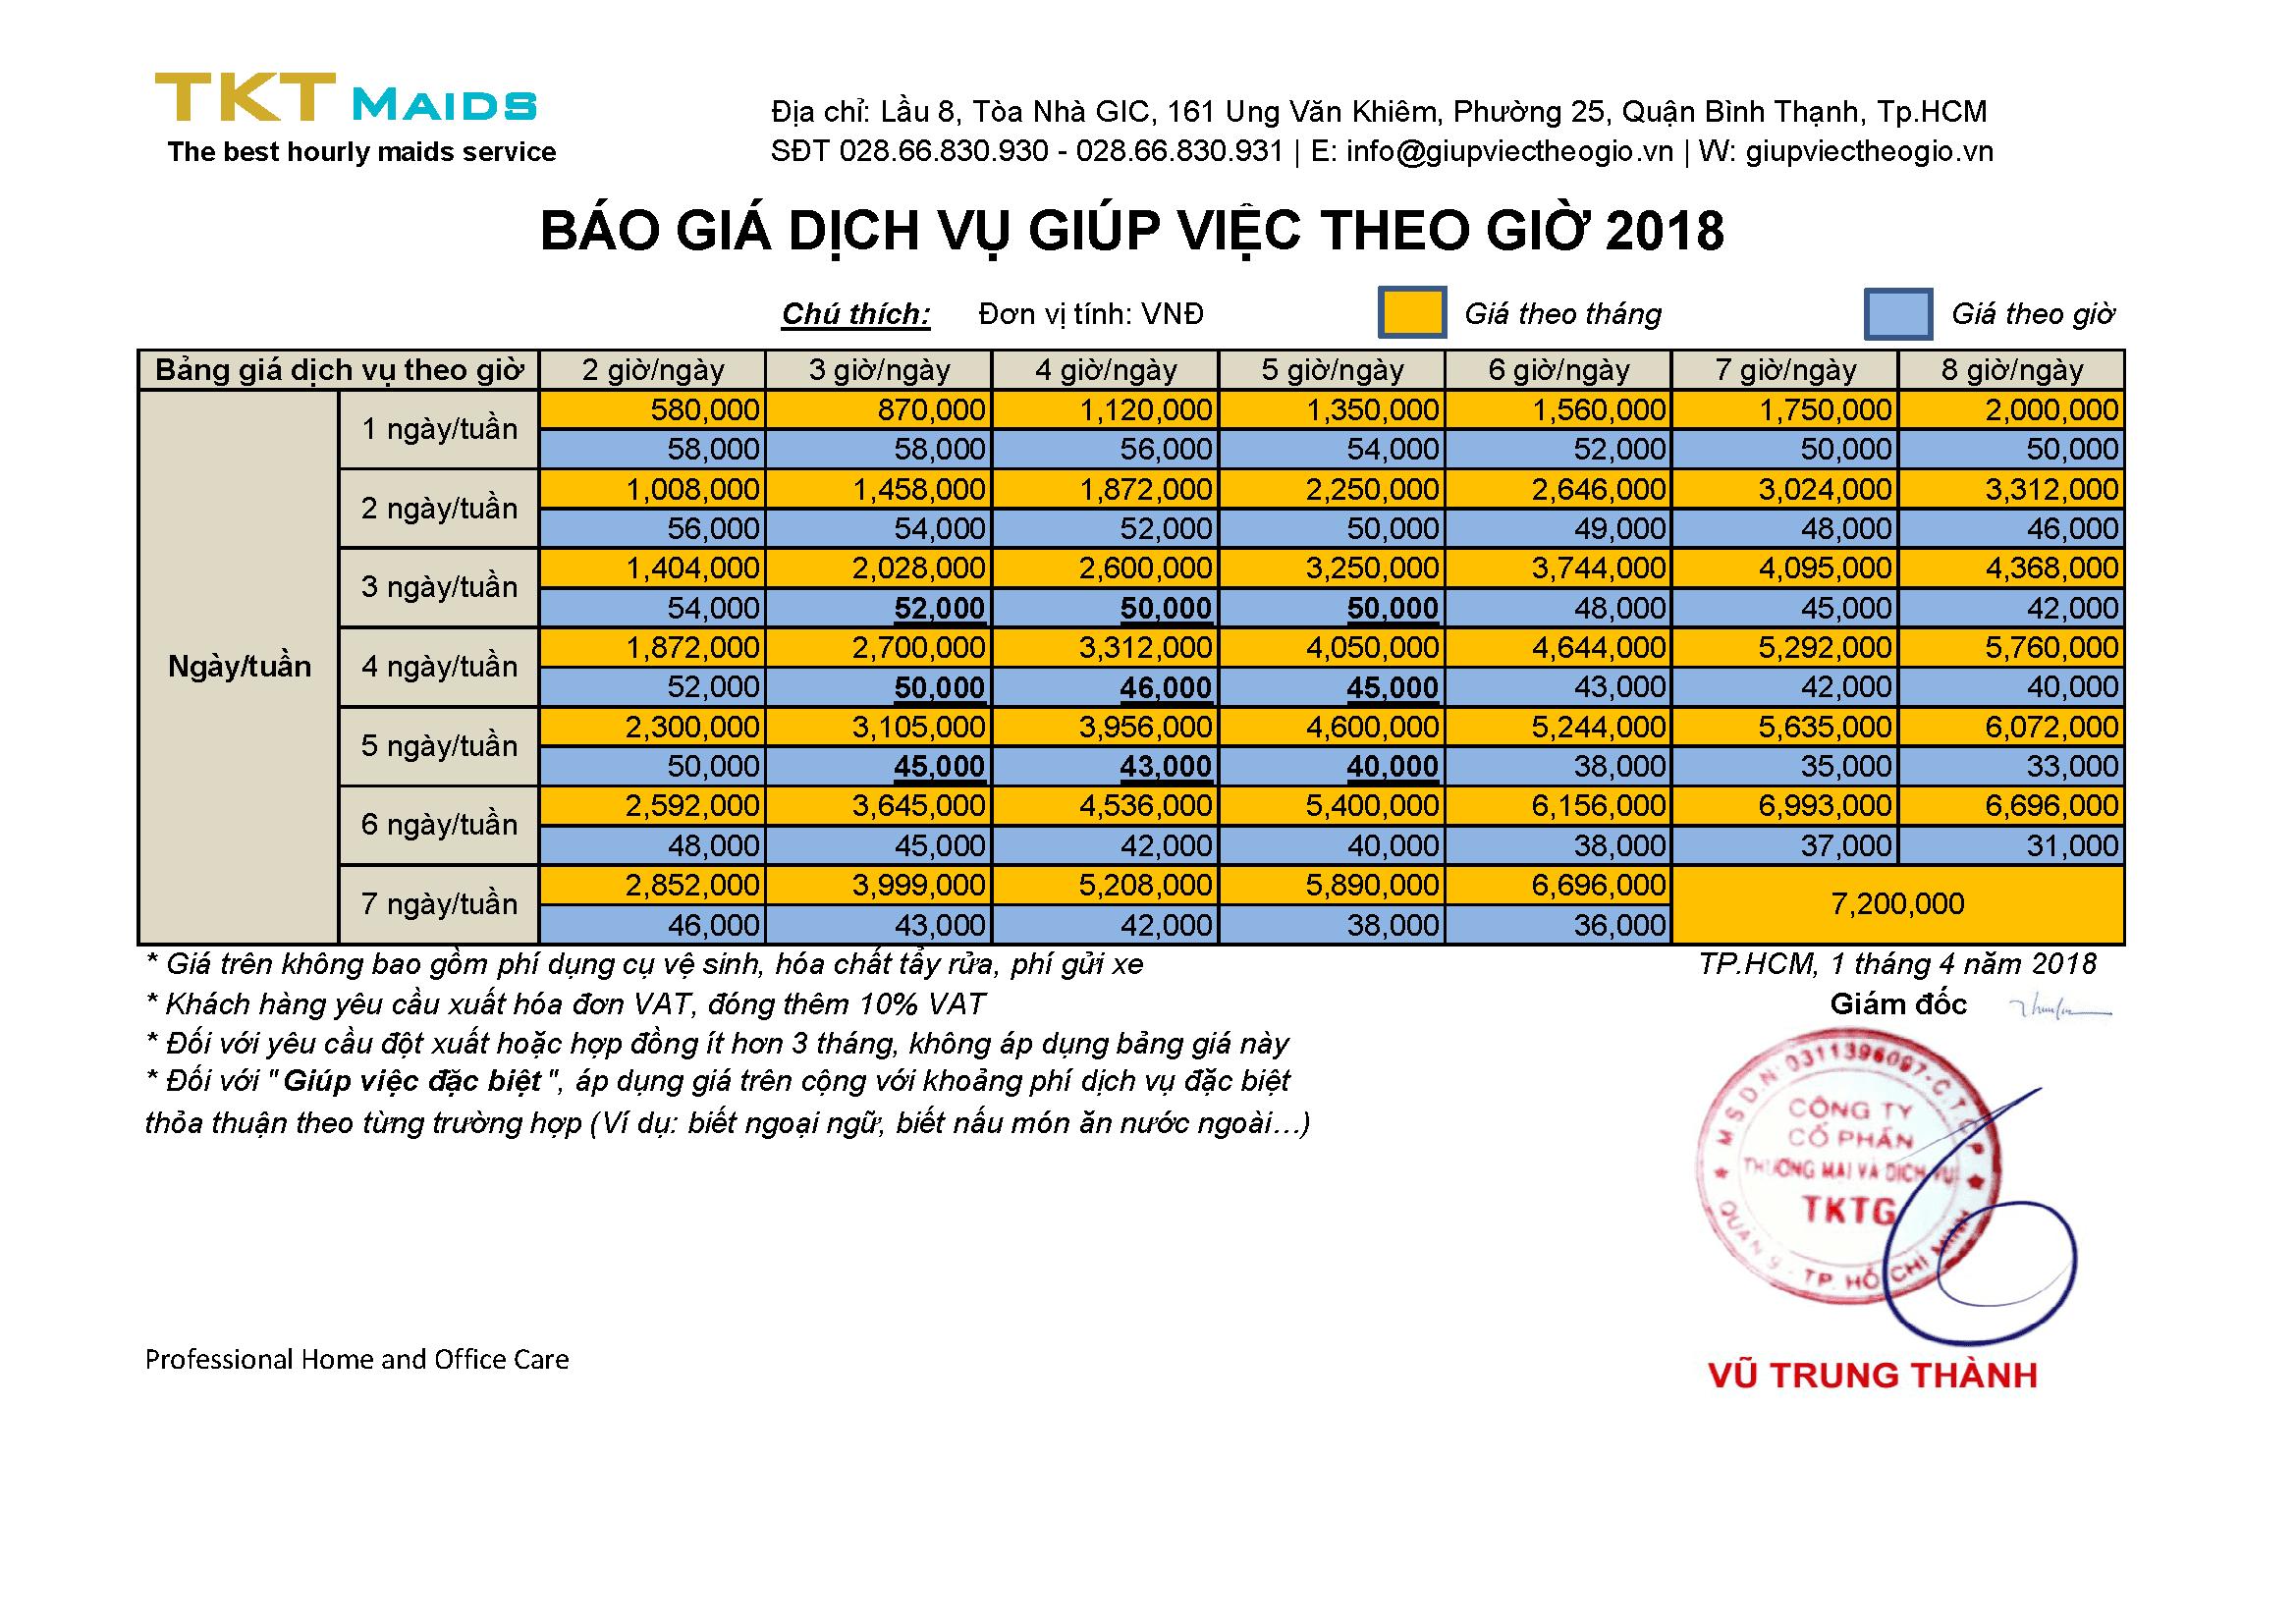 bảng giá dịch vụ giúp việc nhà theo giờ TKT Maids 2018